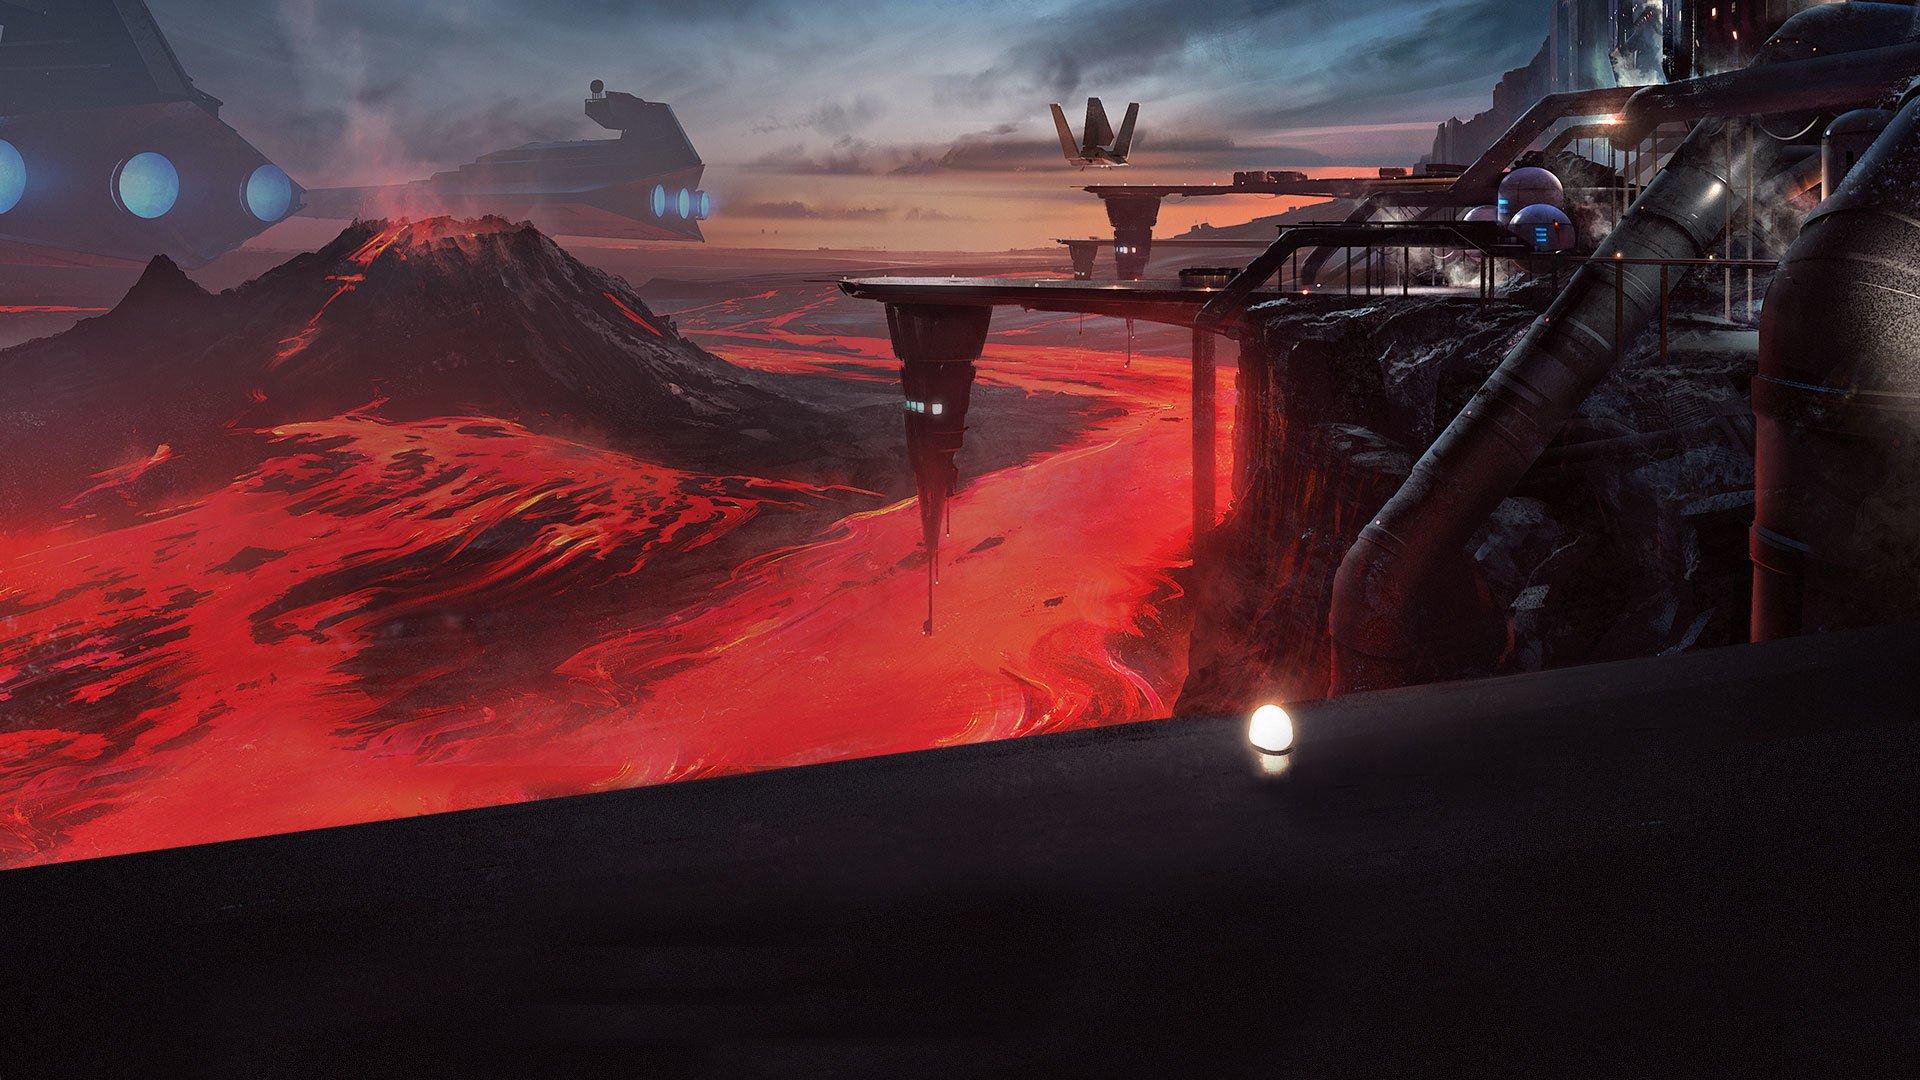 Star Wars Battlefront: Outer Rim DLC HD Wallpaper